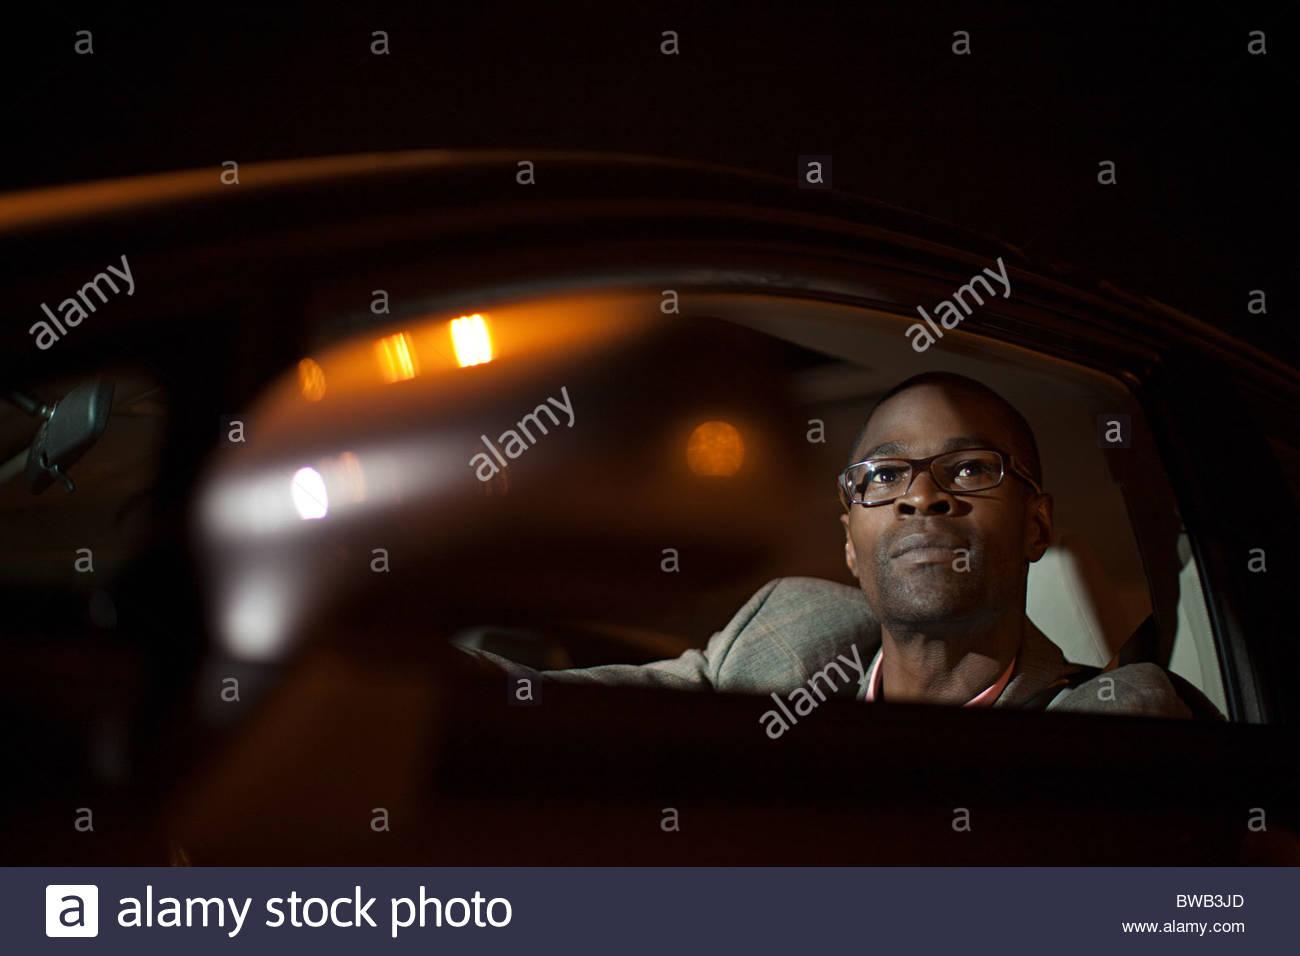 Imprenditore in macchina di notte Immagini Stock